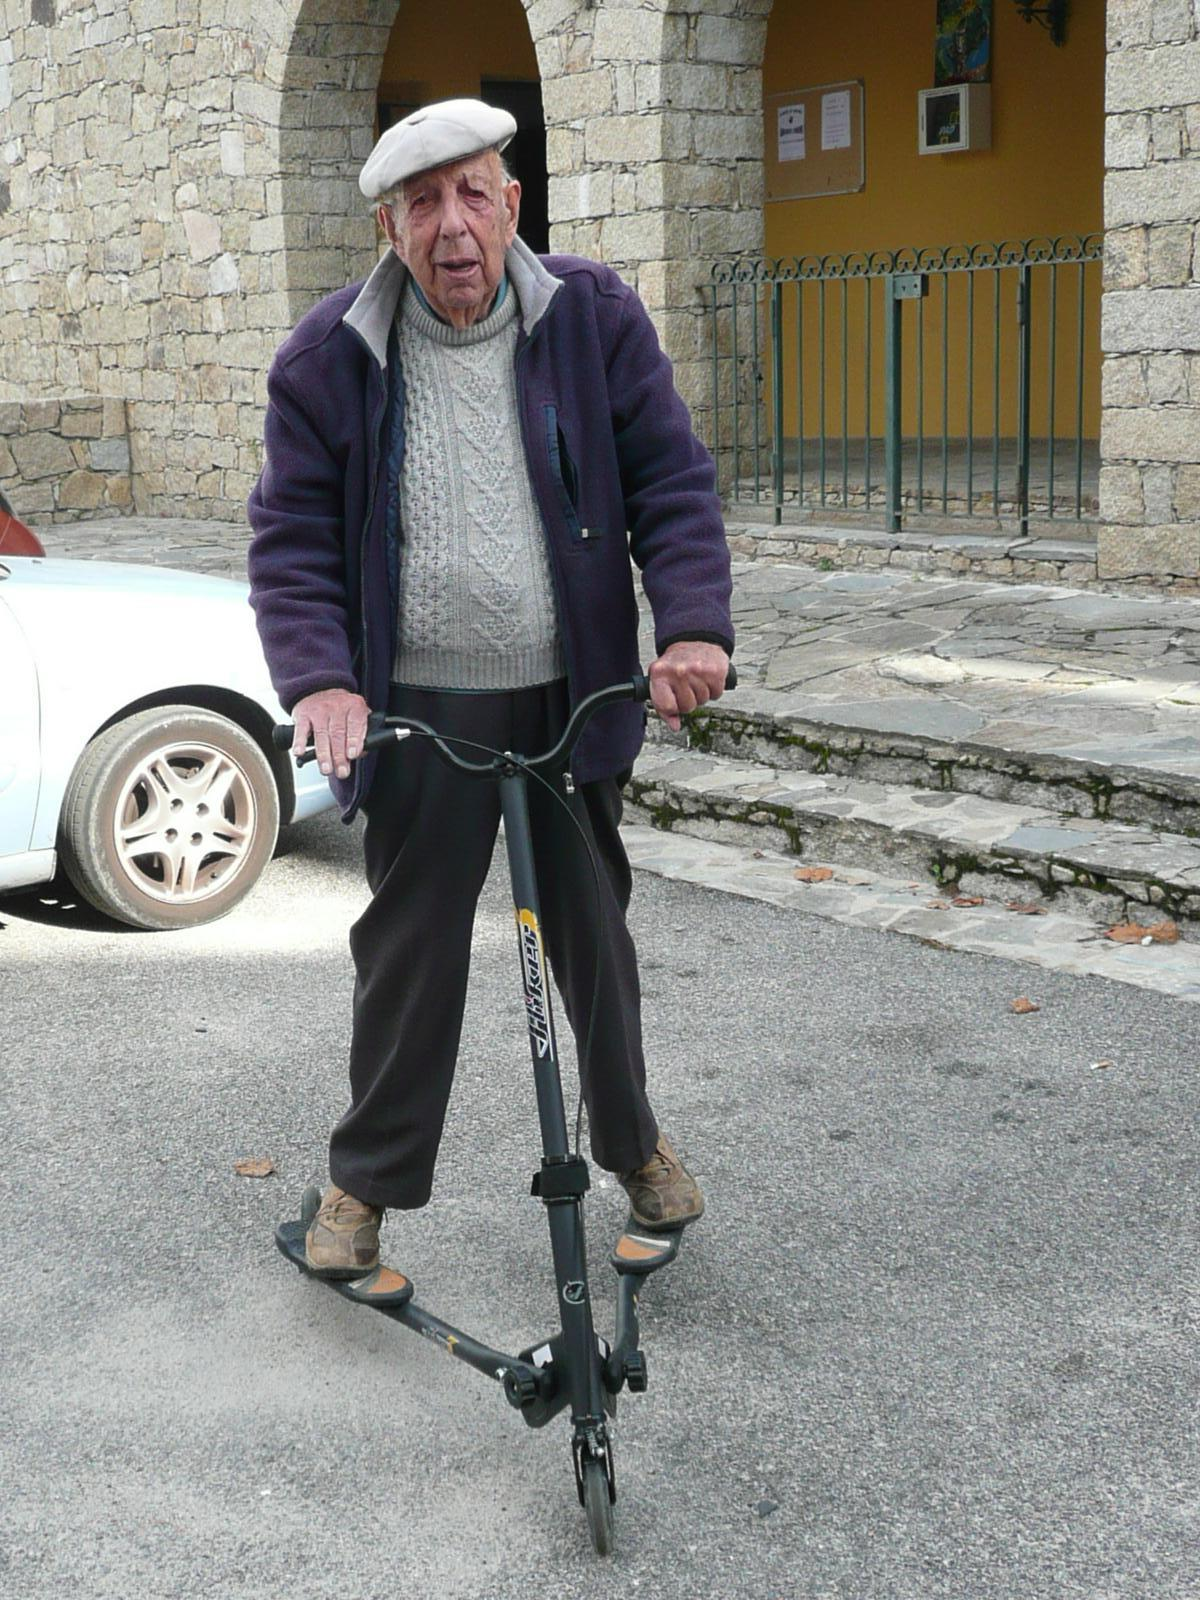 Monsieur de 101 ans. Il n'y a pas d'âge pour le sport !!!